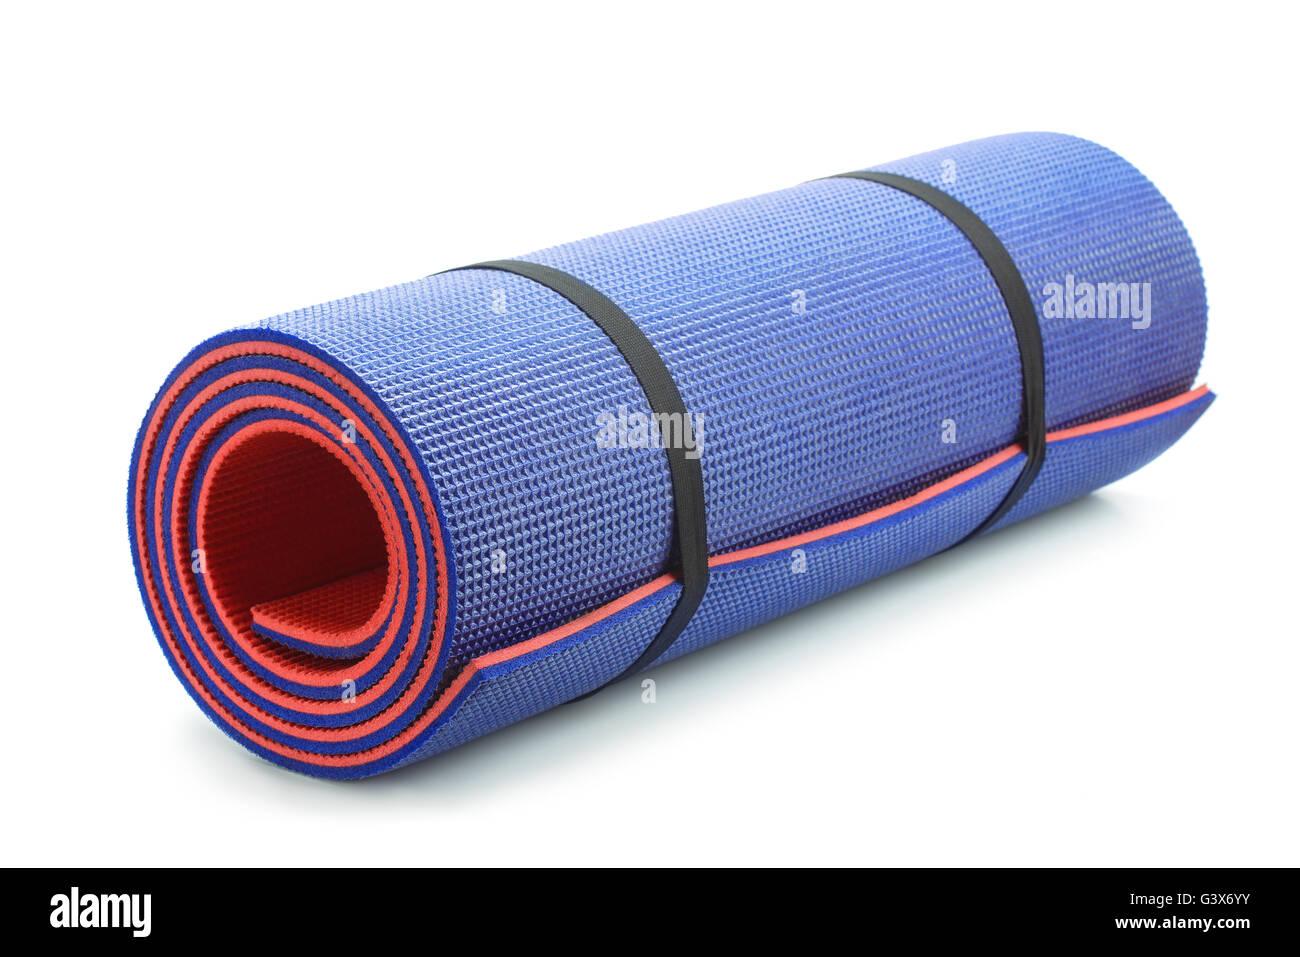 Gerollten blauen Schaum Yogamatte isoliert auf weiss Stockbild